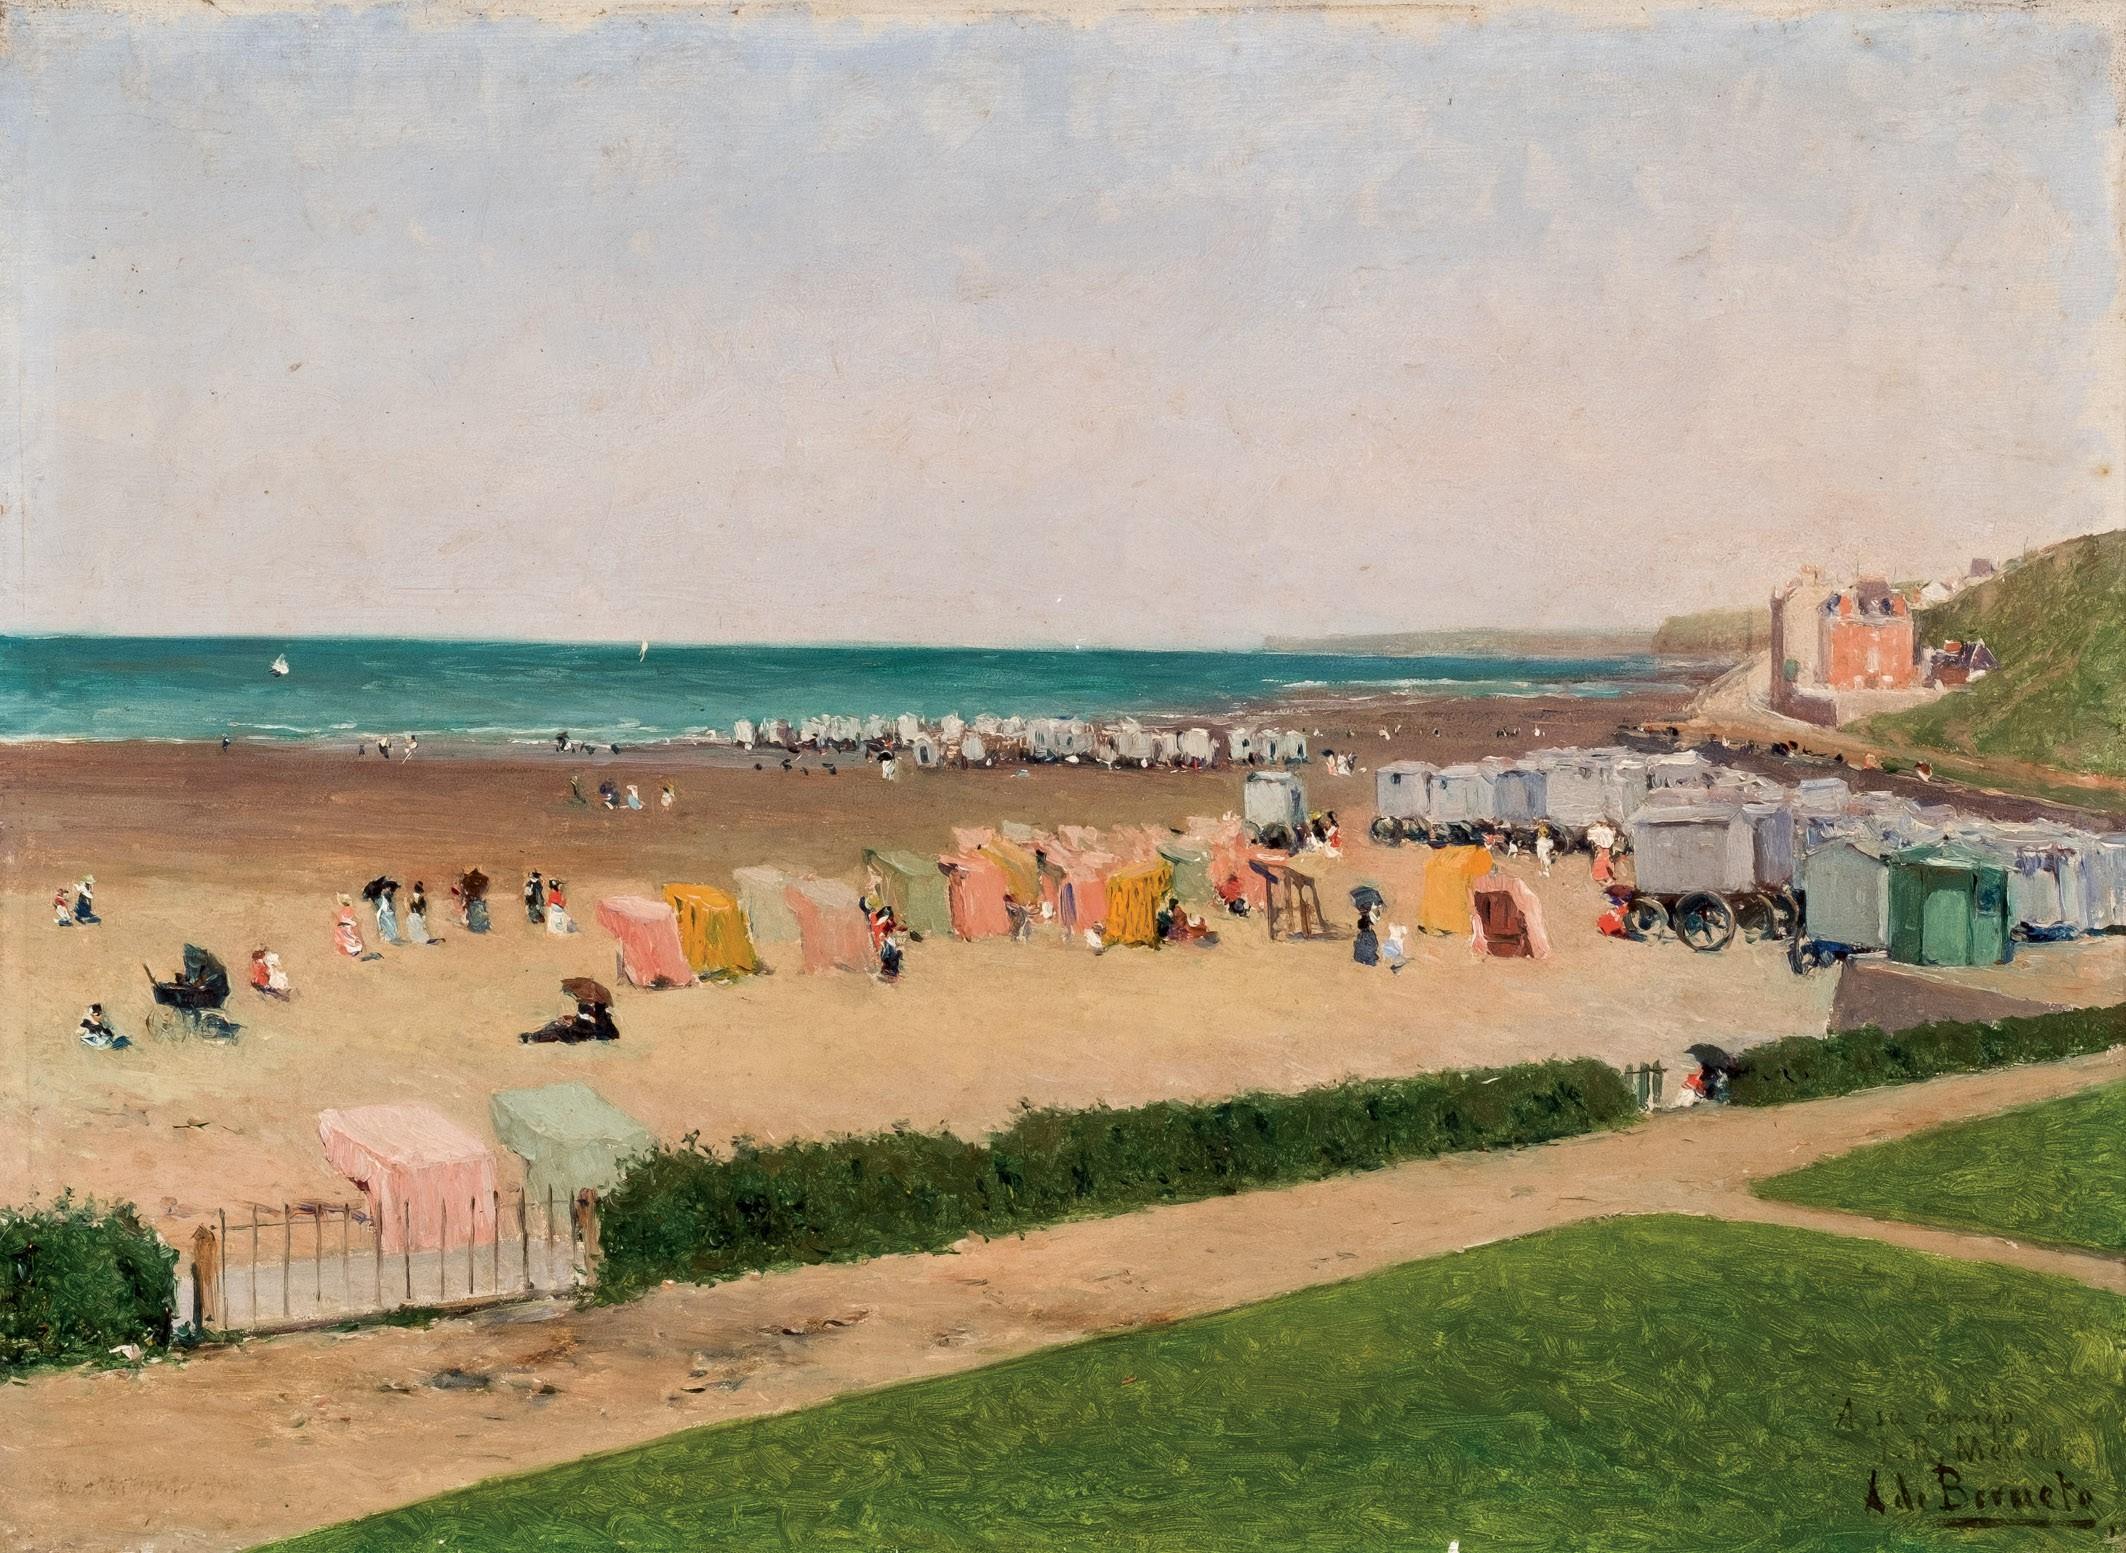 Aureliano de Beruete. Playa. Salida: 3.500 euros. Remate: 27.500 euros